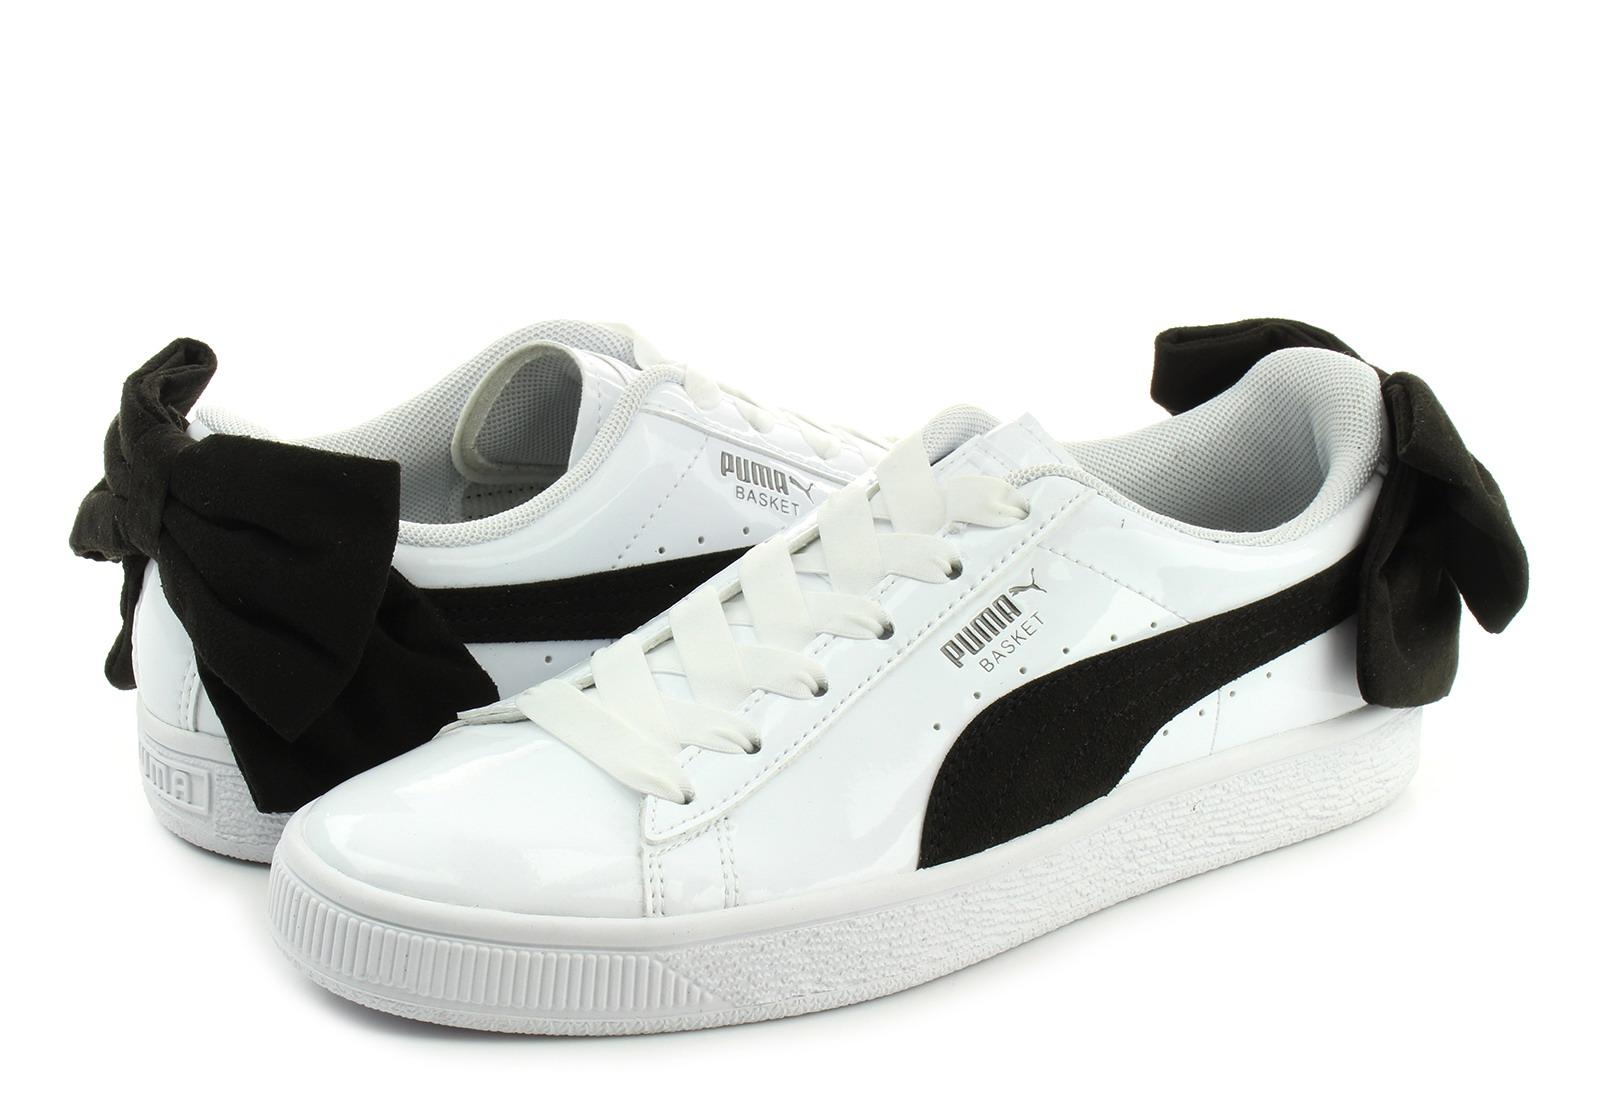 Office Shoes - spletna trgovina z obutvijo 0c83f55ba6